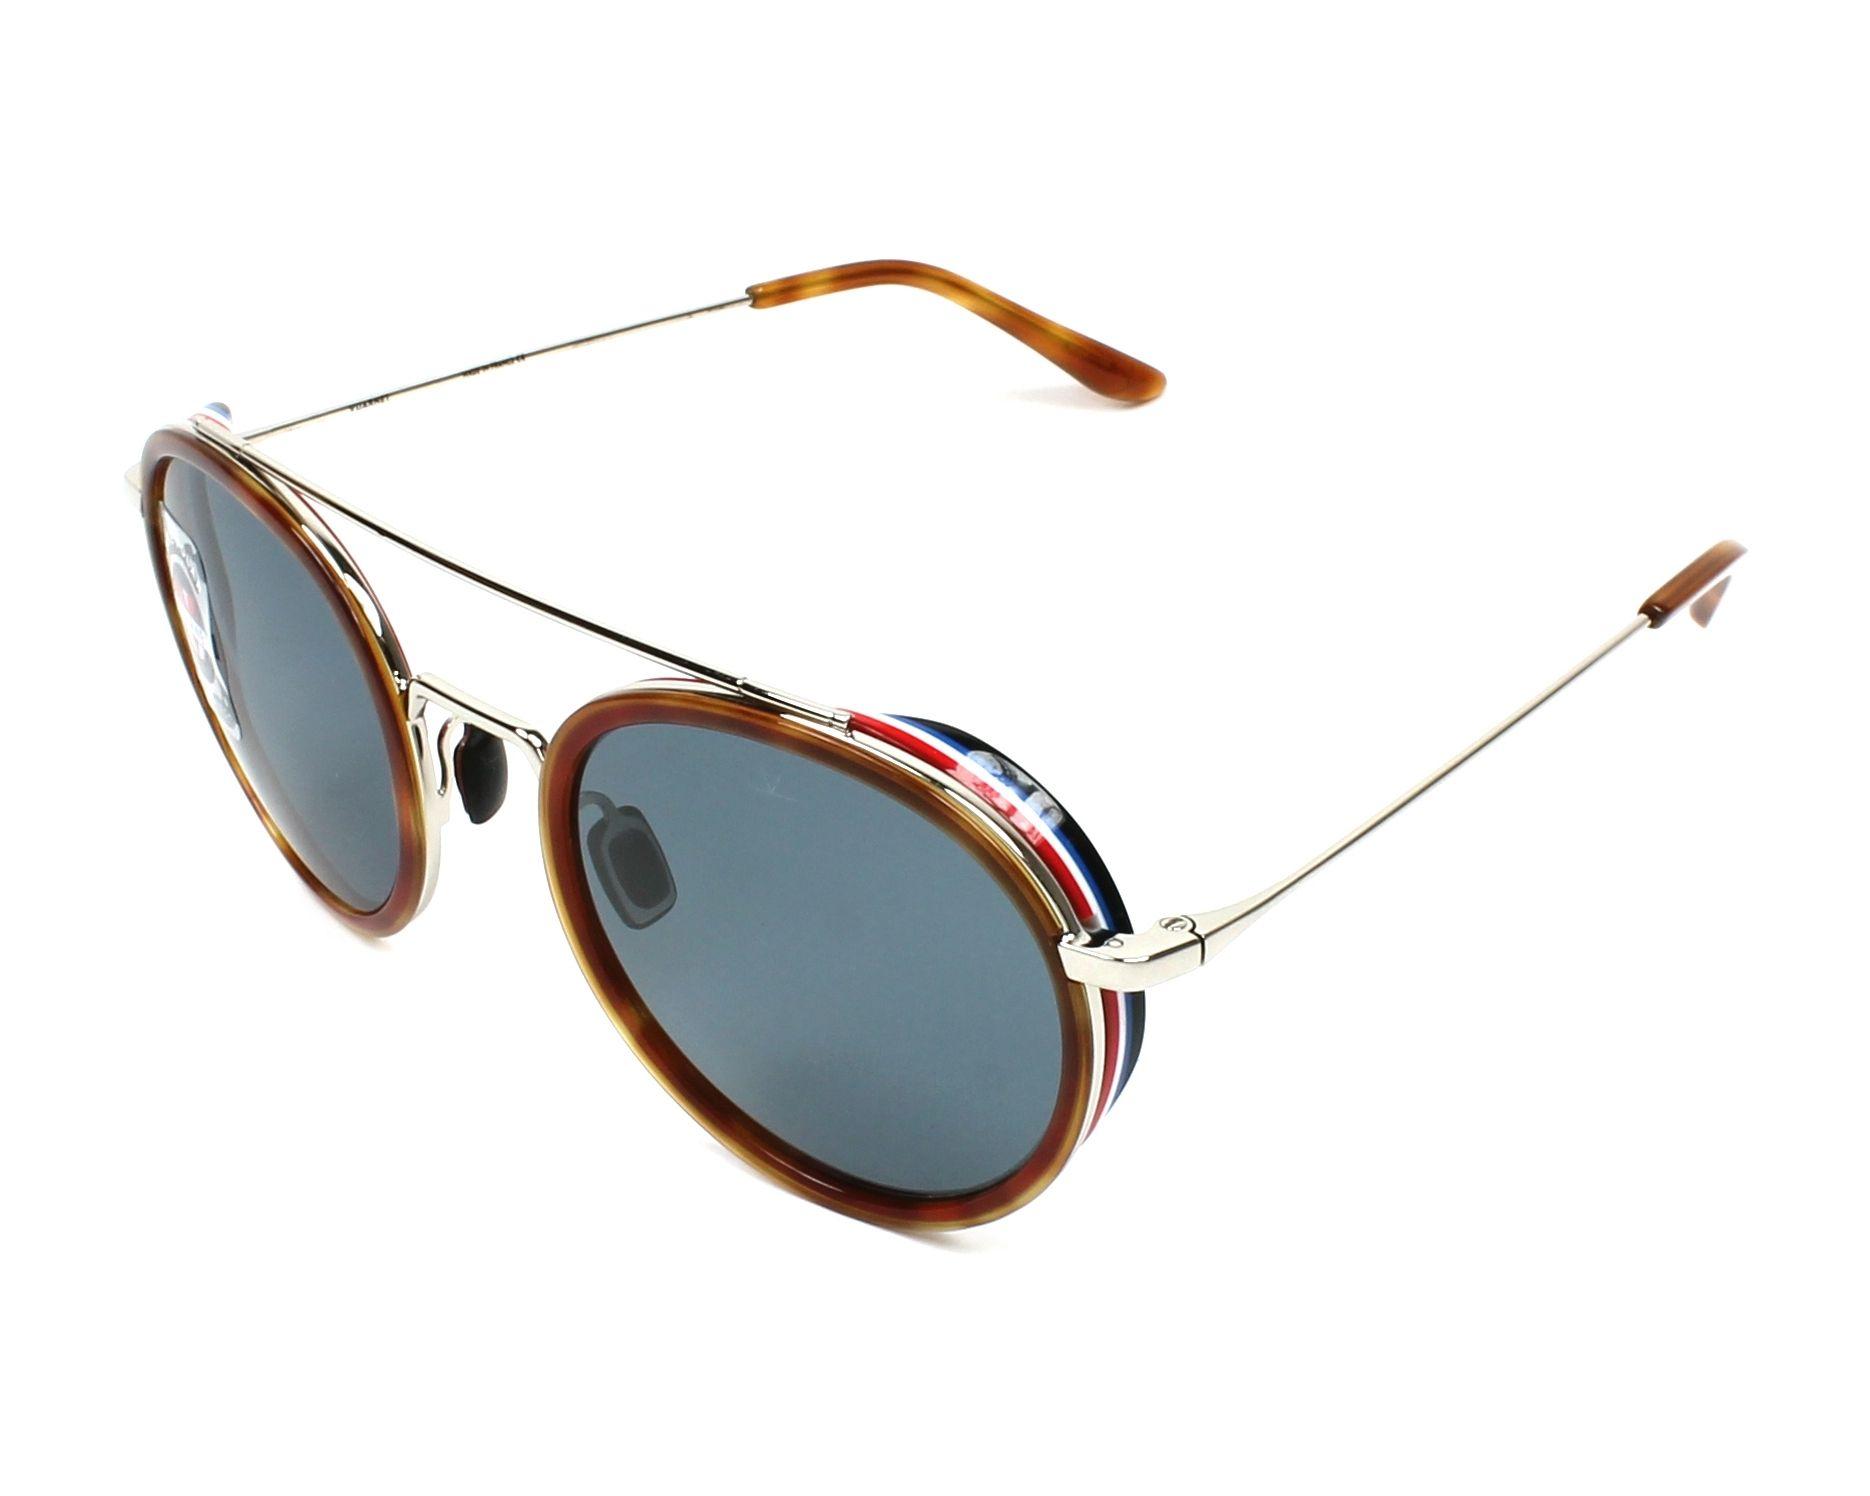 vuarnet lunettes soleil,lunette de vue marque